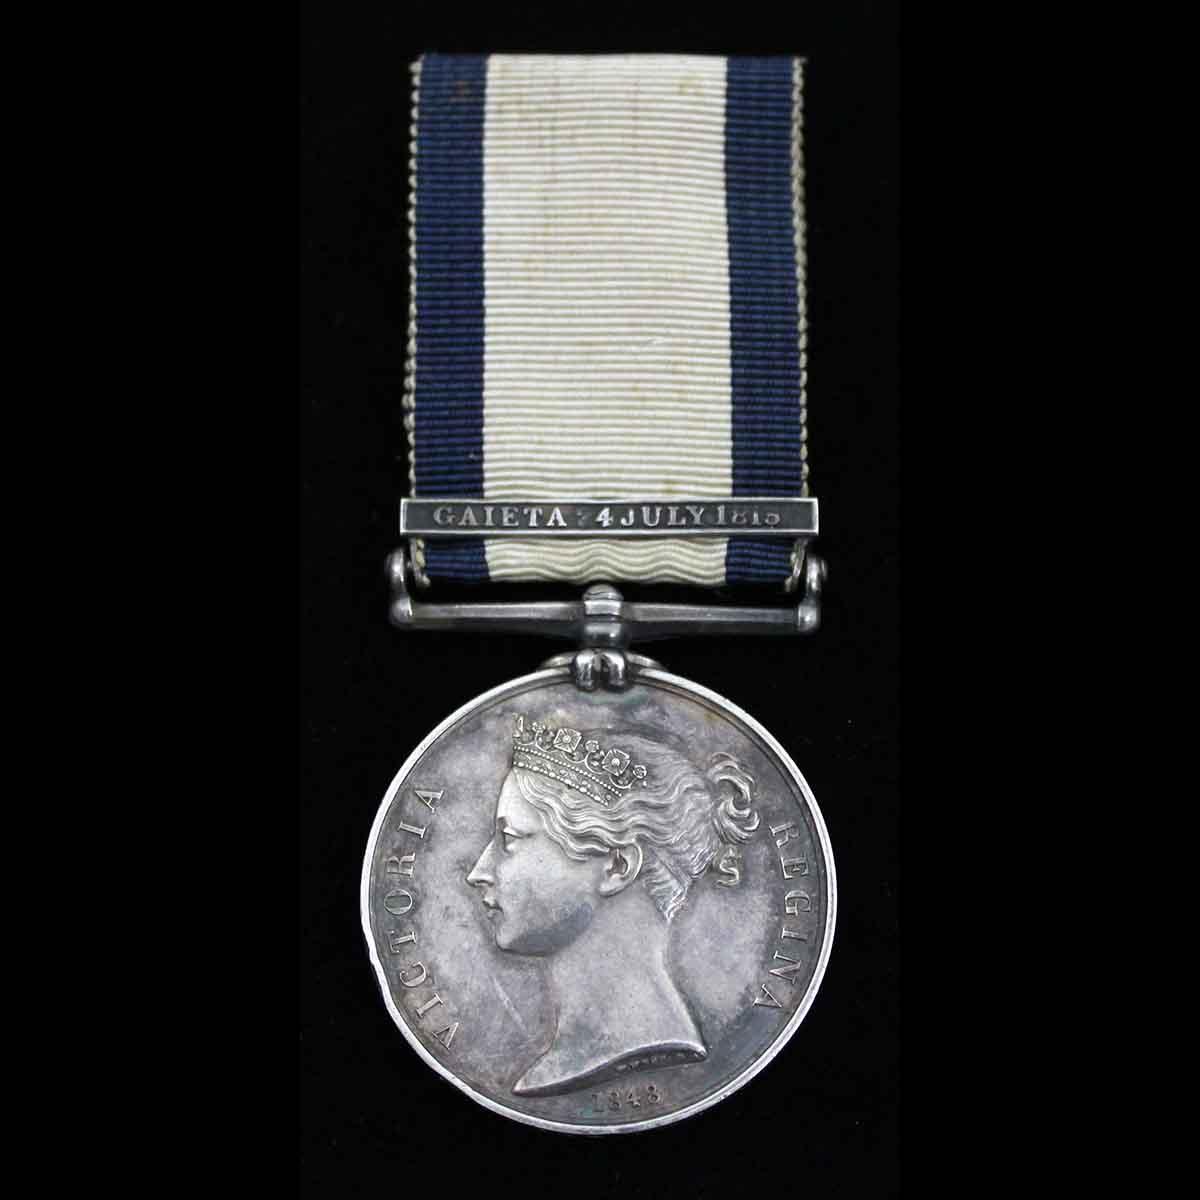 NGS Gaieta 1815 Qr Gnr HMS Berwick 1